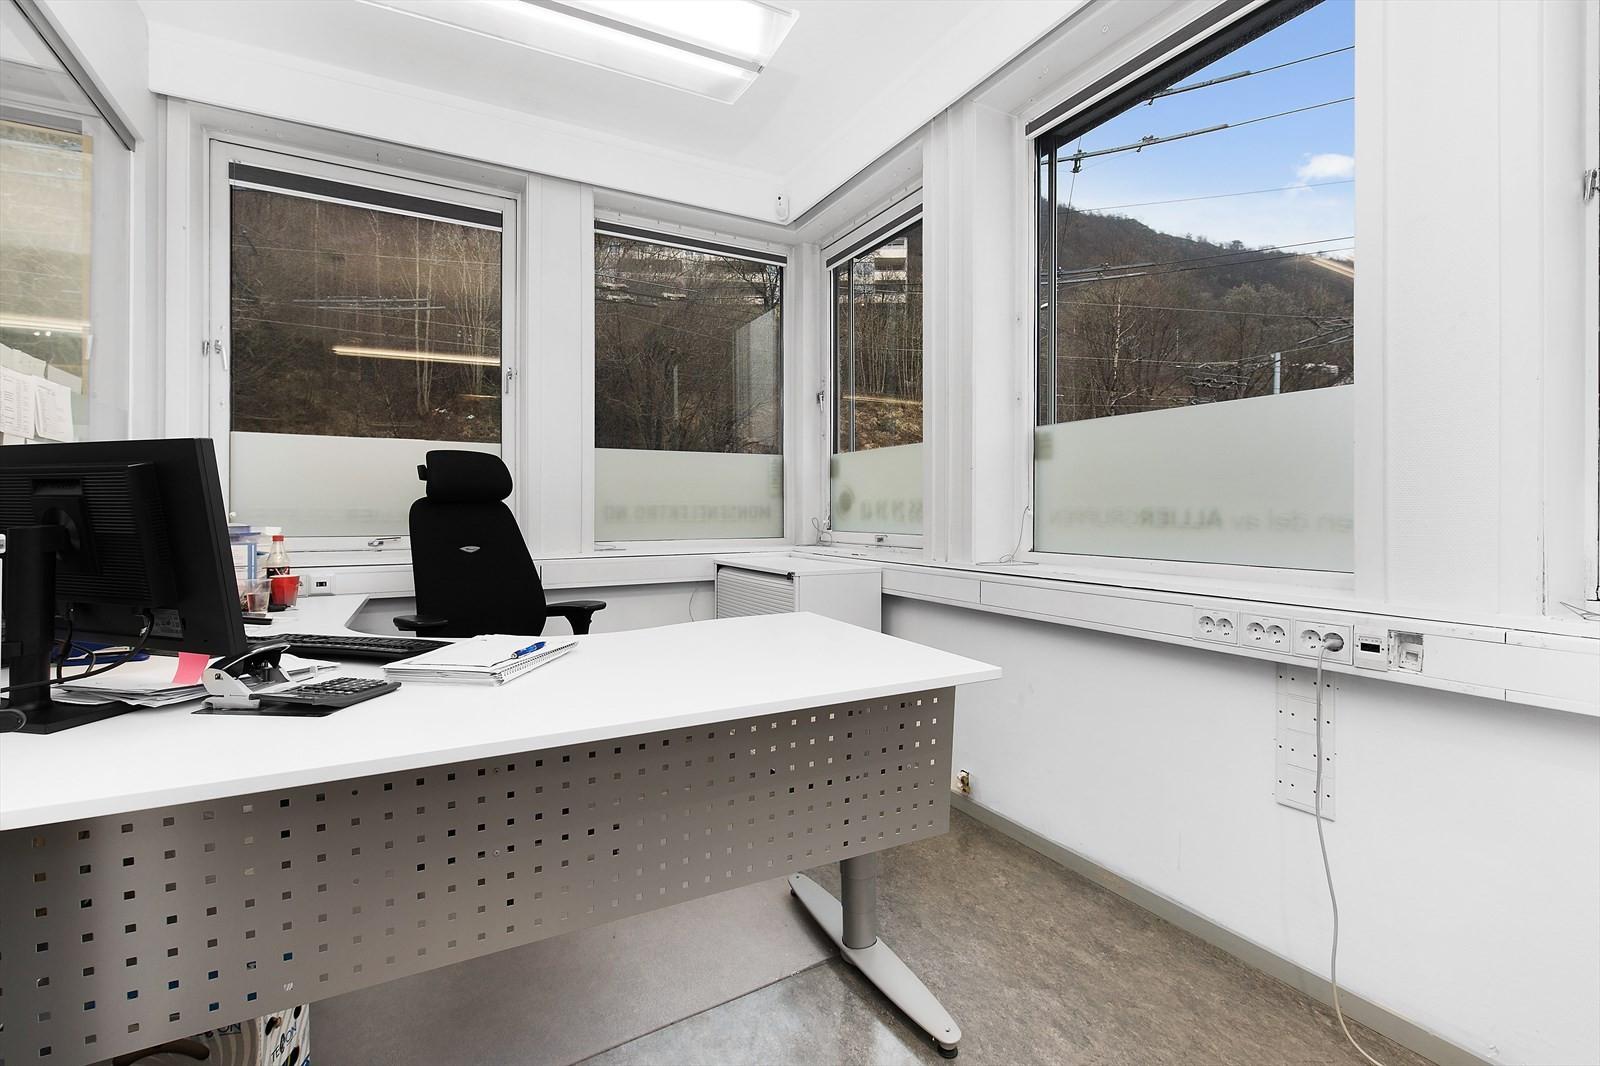 Lokalet har flere cellekontorer med vindu mot Nattlandsveien.